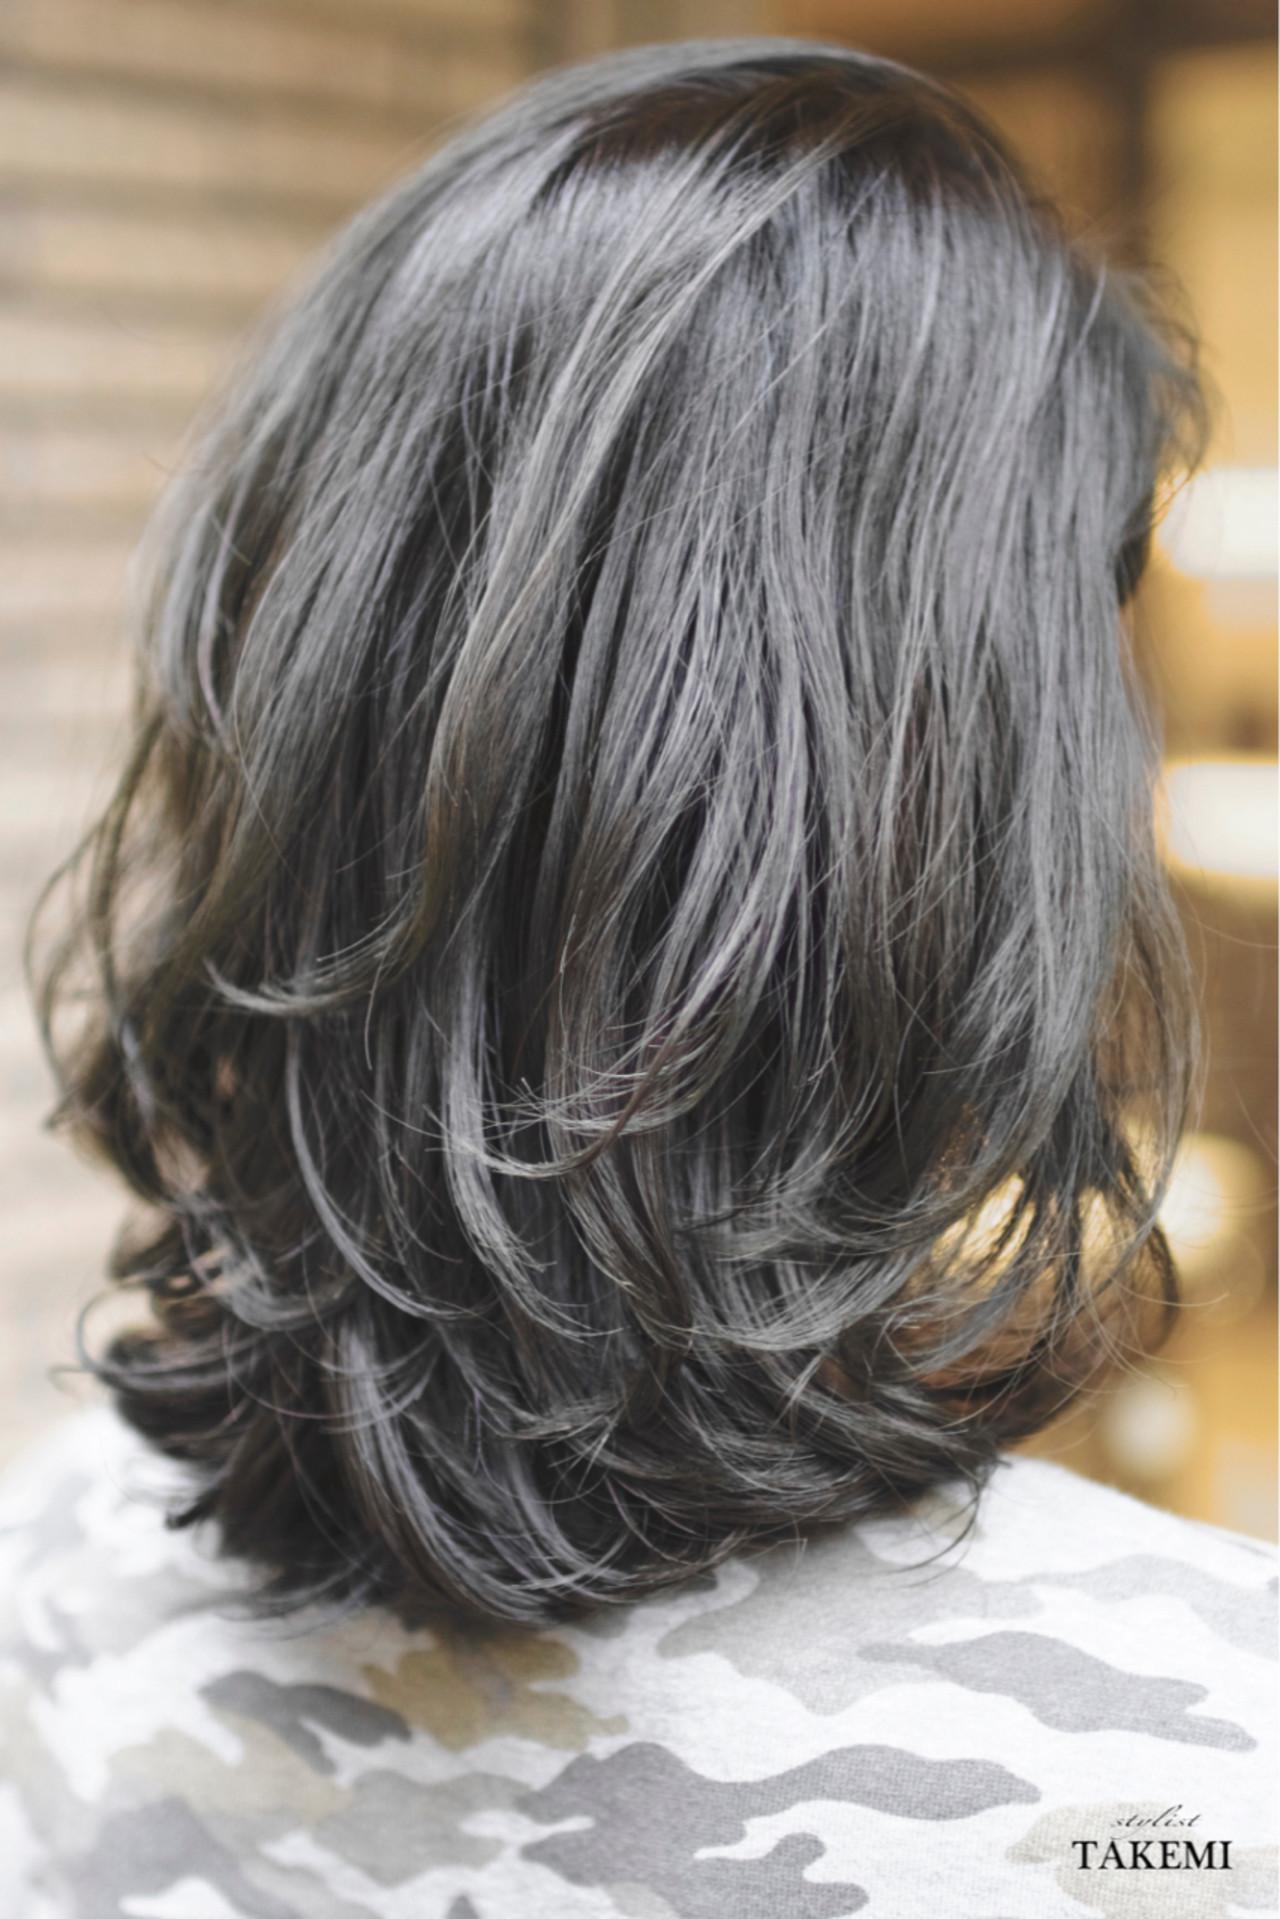 ハイライト ボブ ガーリー 外国人風 ヘアスタイルや髪型の写真・画像 | TAKEMI / BEBE 表参道